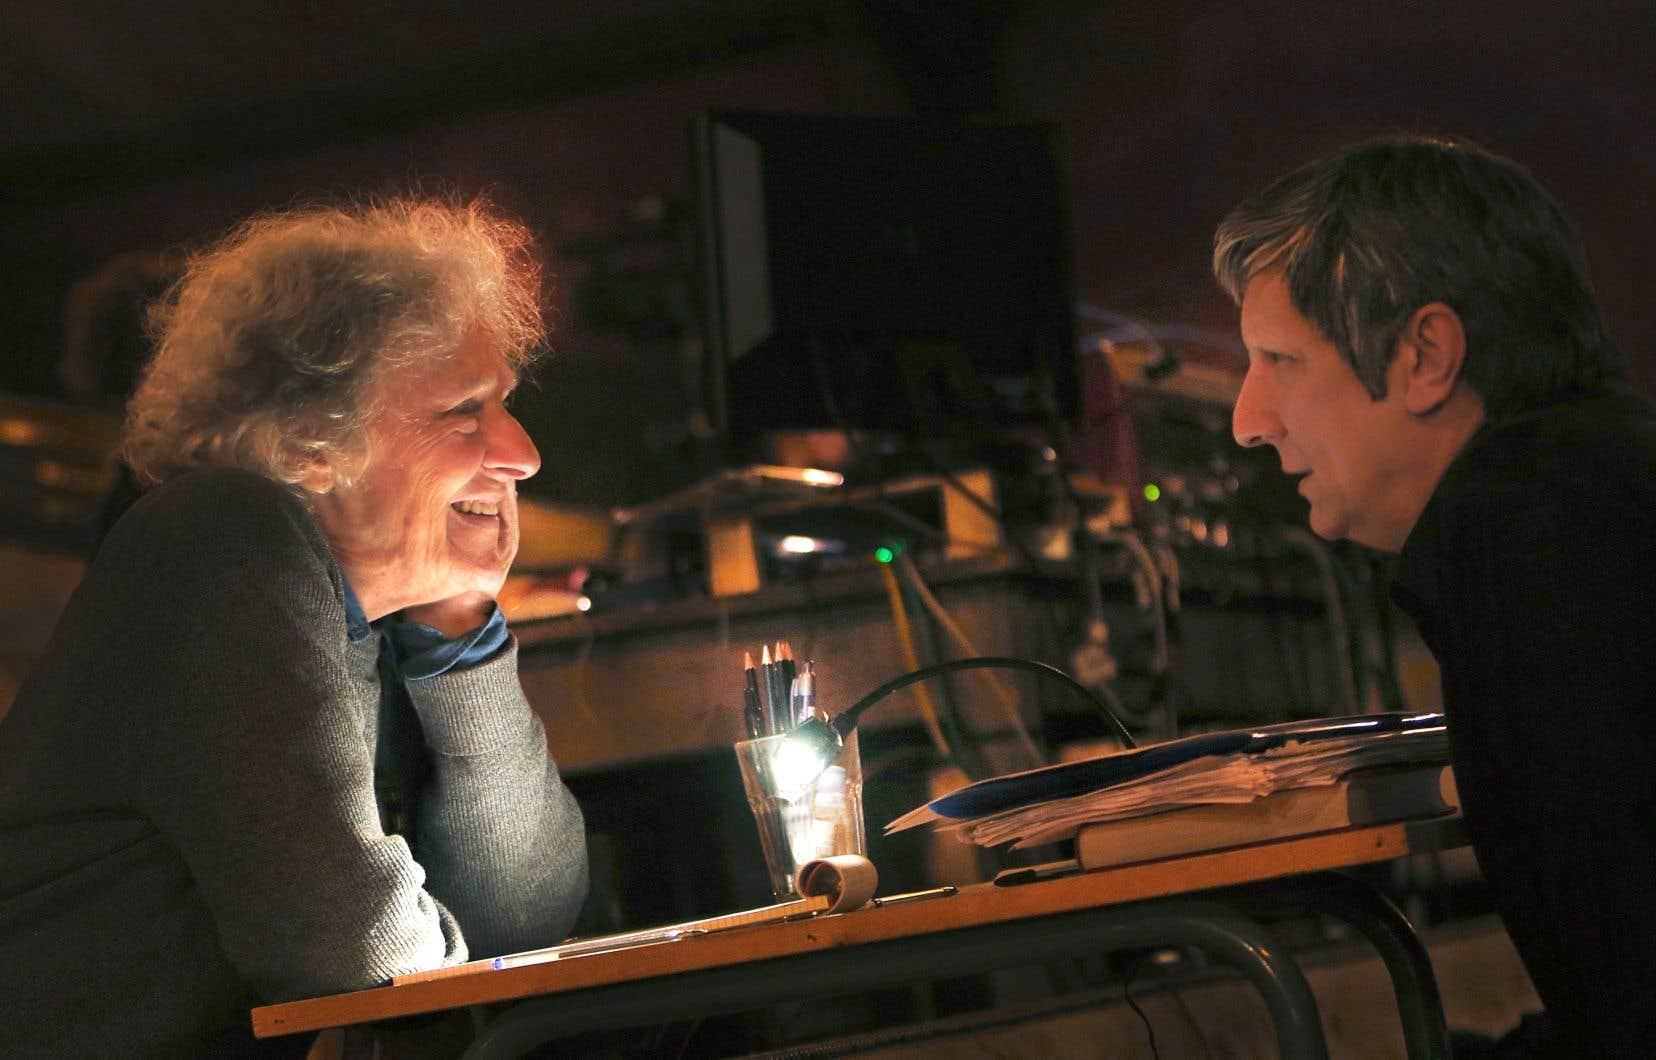 En septembre, Robert Lepage a finalement annoncé que le spectacle à Paris aurait bel et bien lieu, mais sous un nouveau titre: «Kanata. Épisode 1: La controverse».